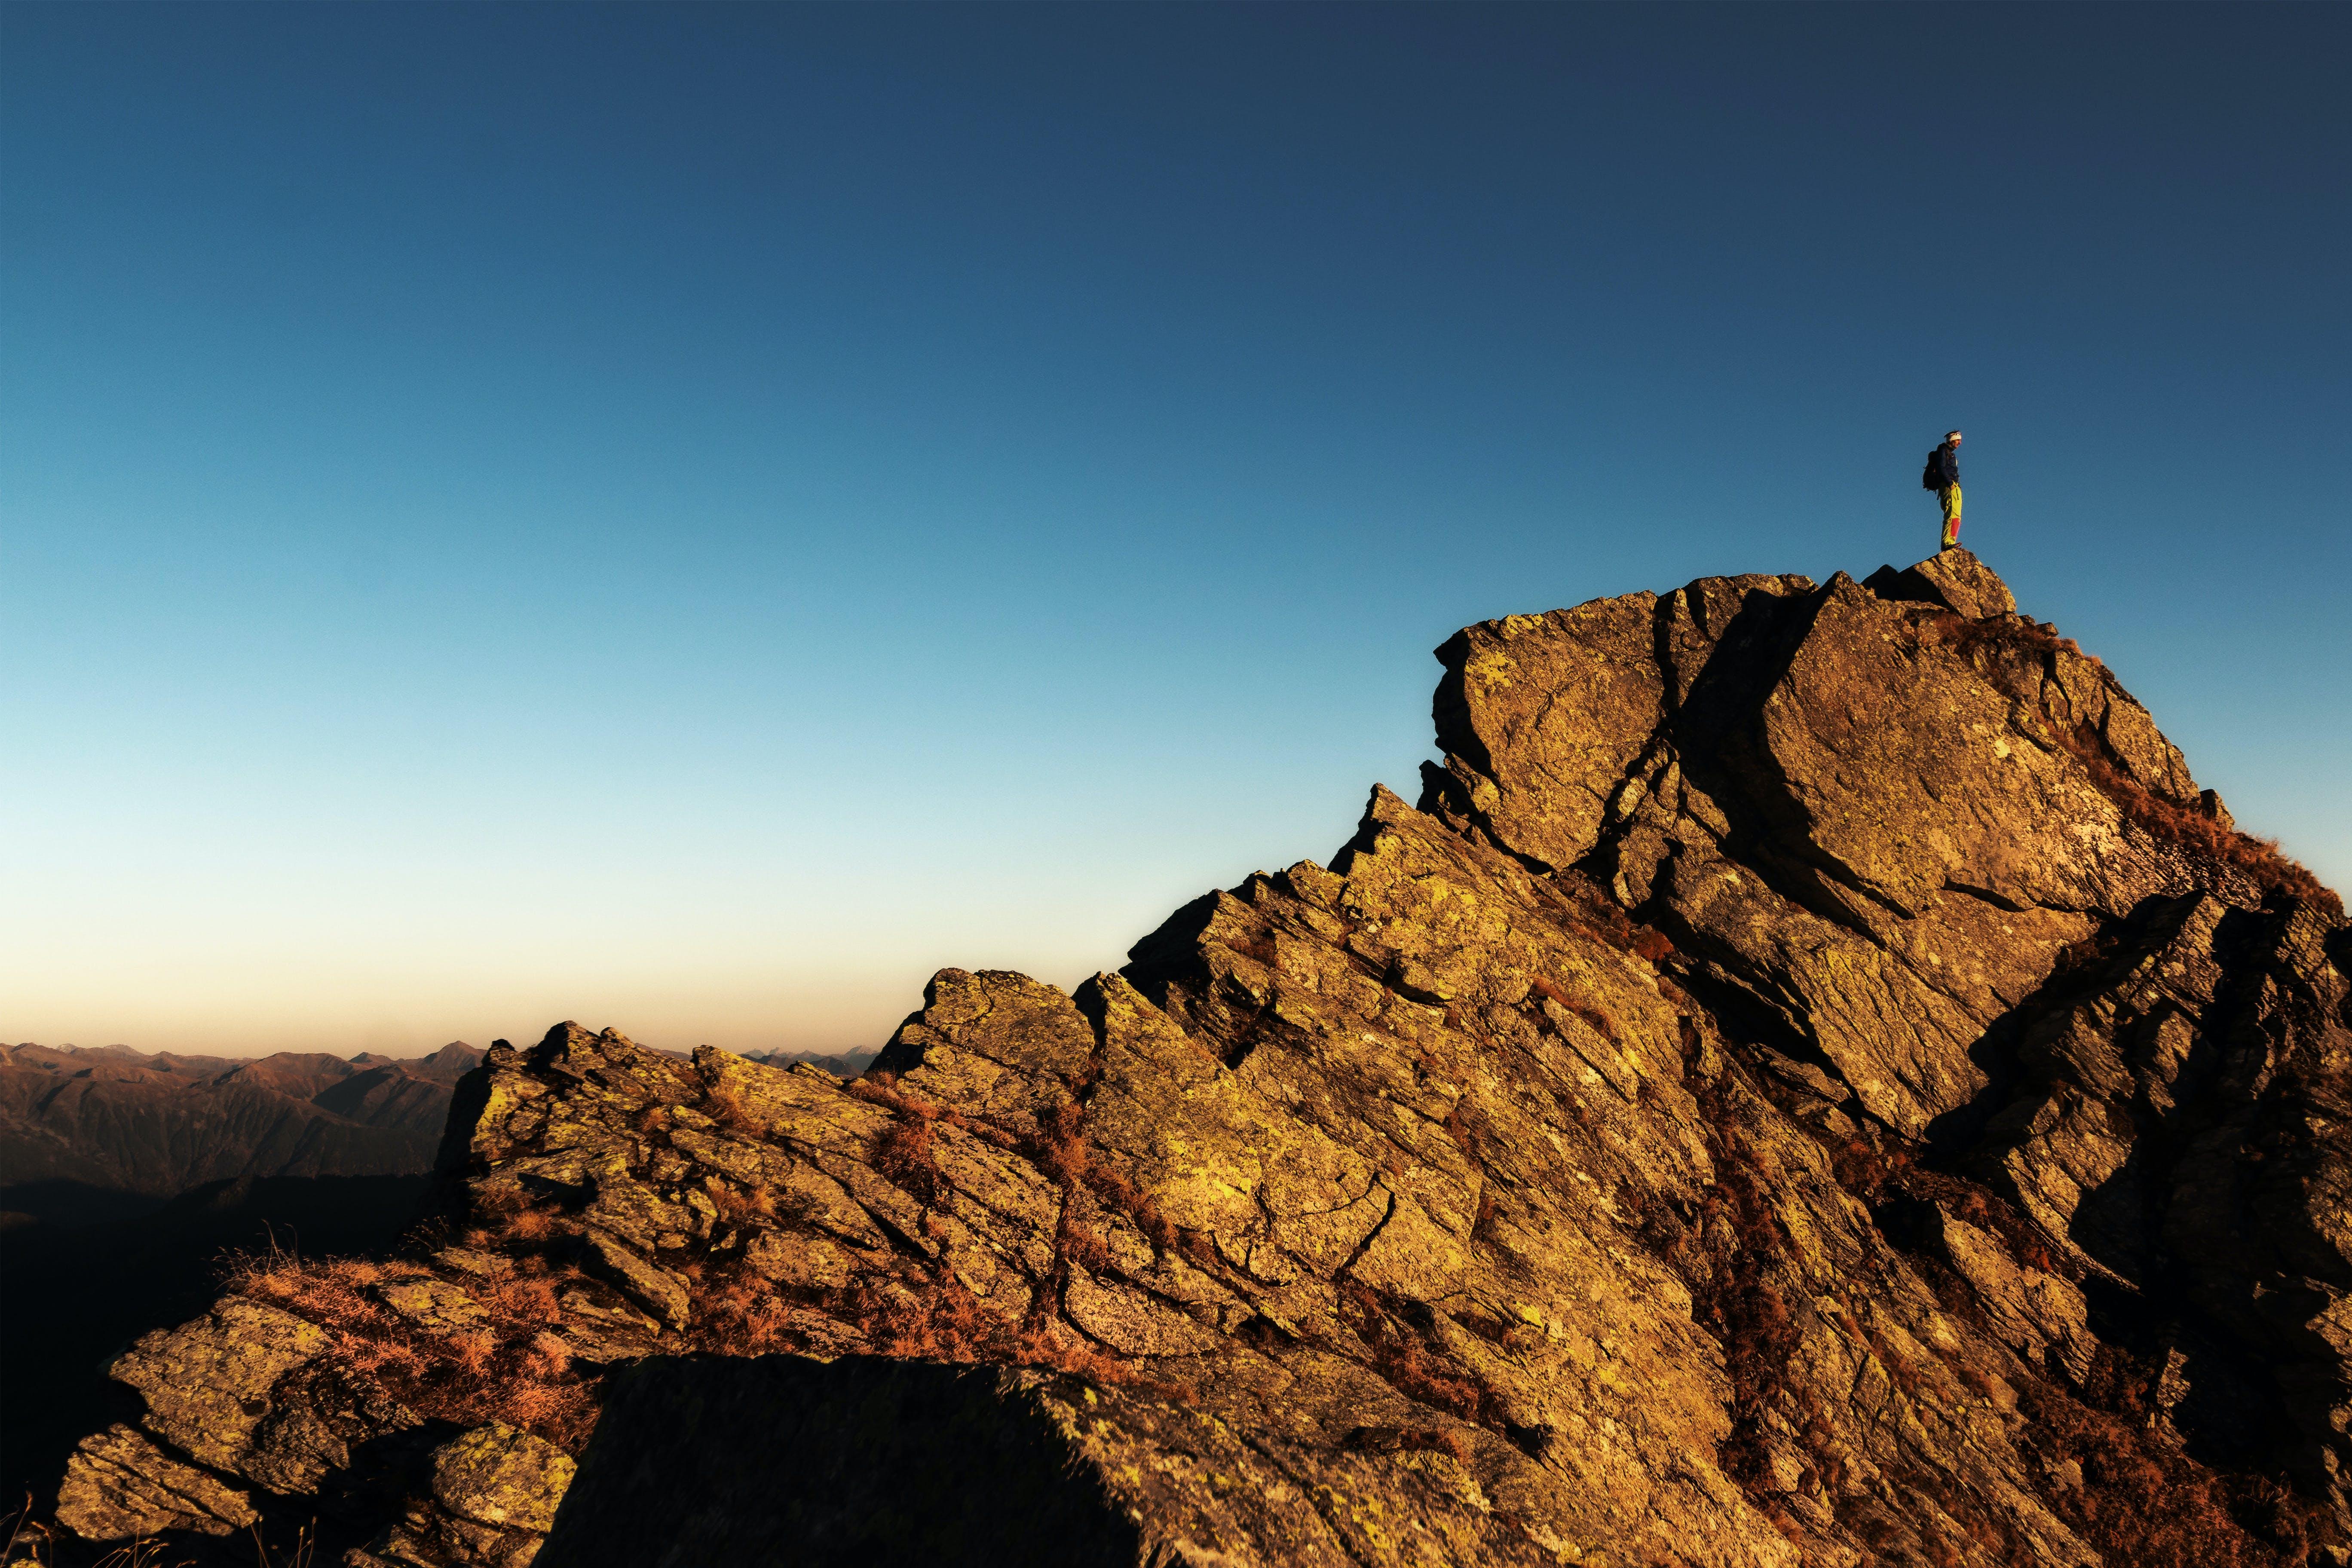 Gratis arkivbilde med bergformasjon, dagslys, eventyr, fjellklatring